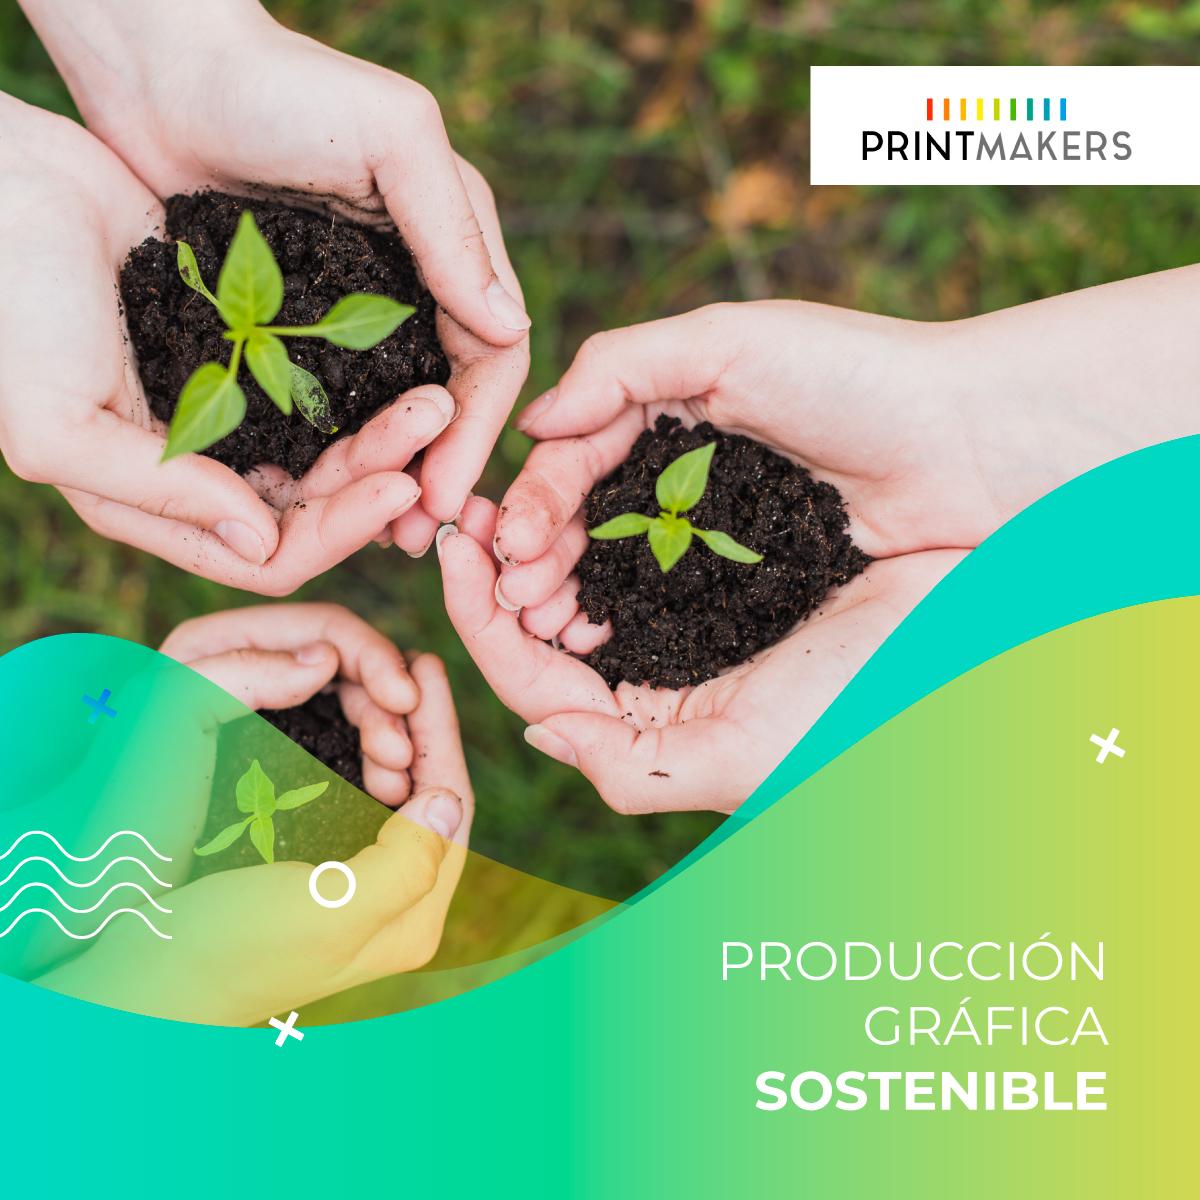 Imprenta ecológica, producción gráfica sostenible